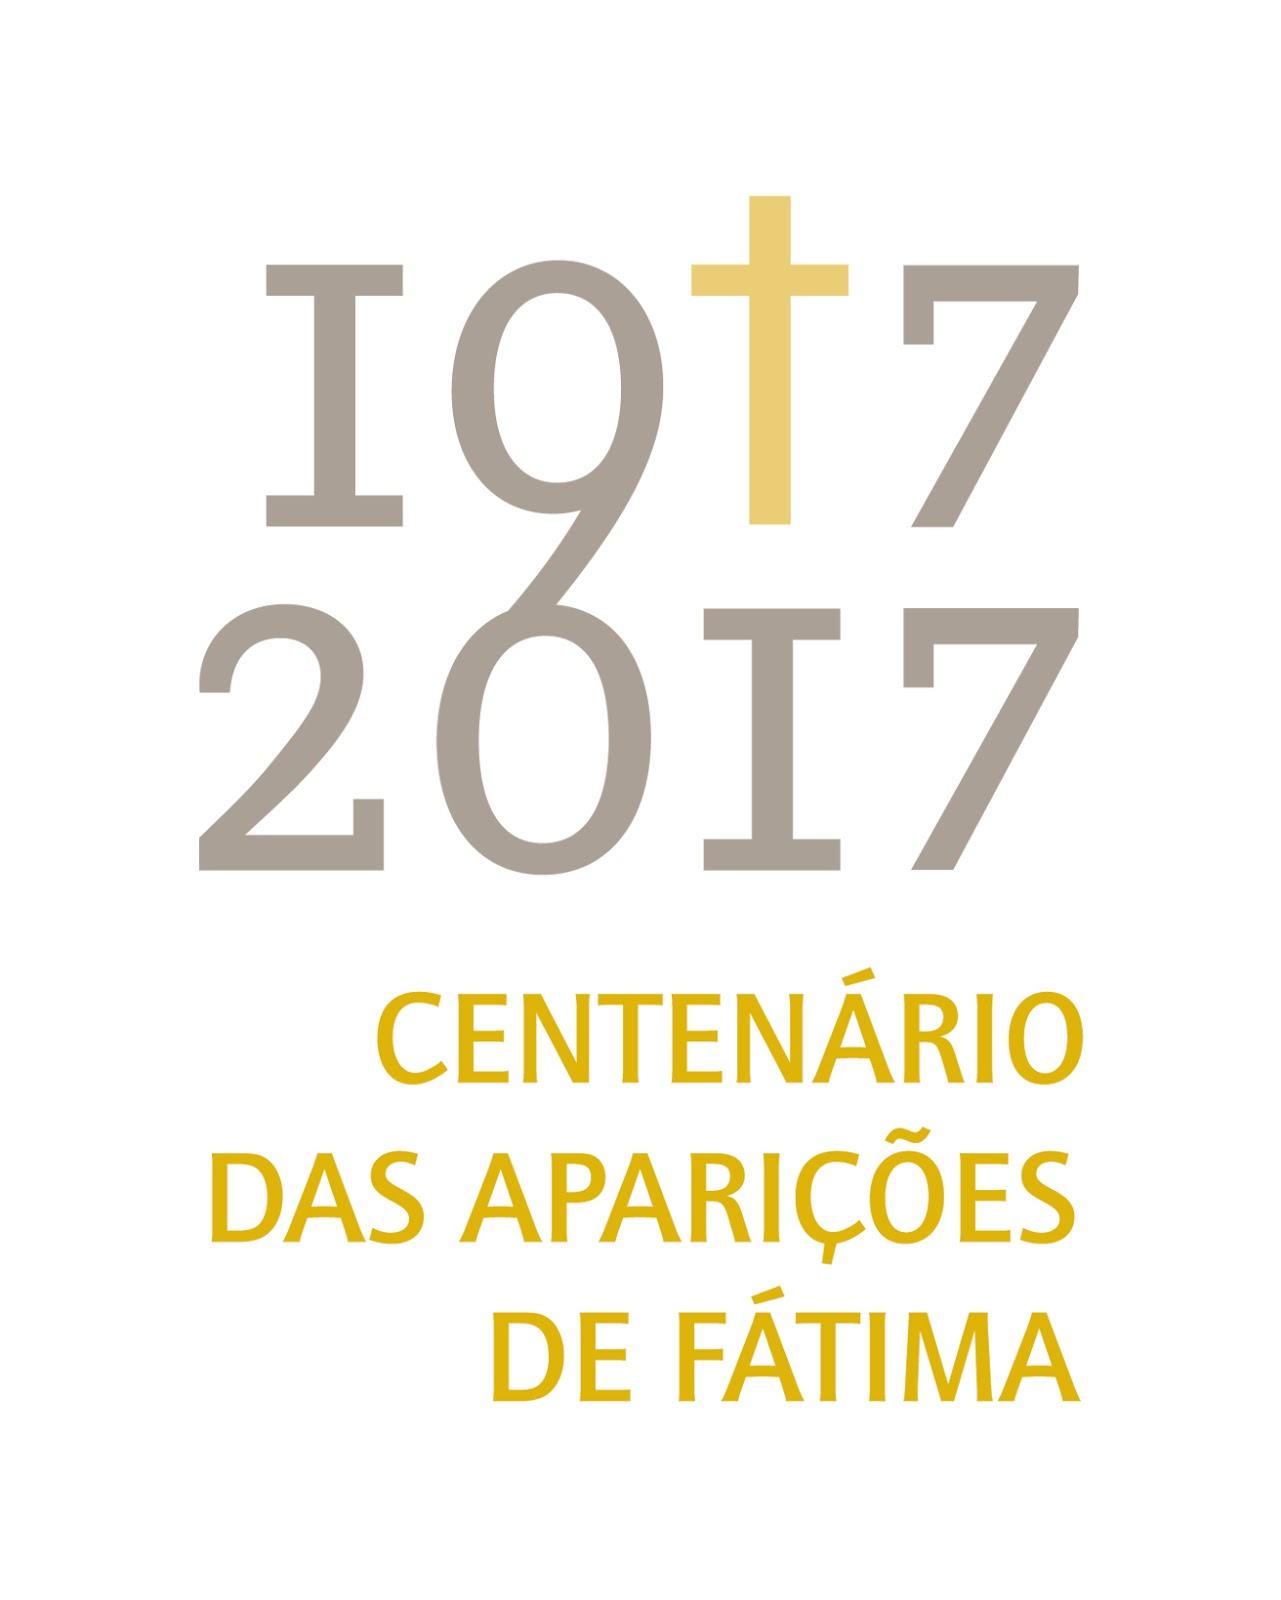 Centenário das aparições de Fátima